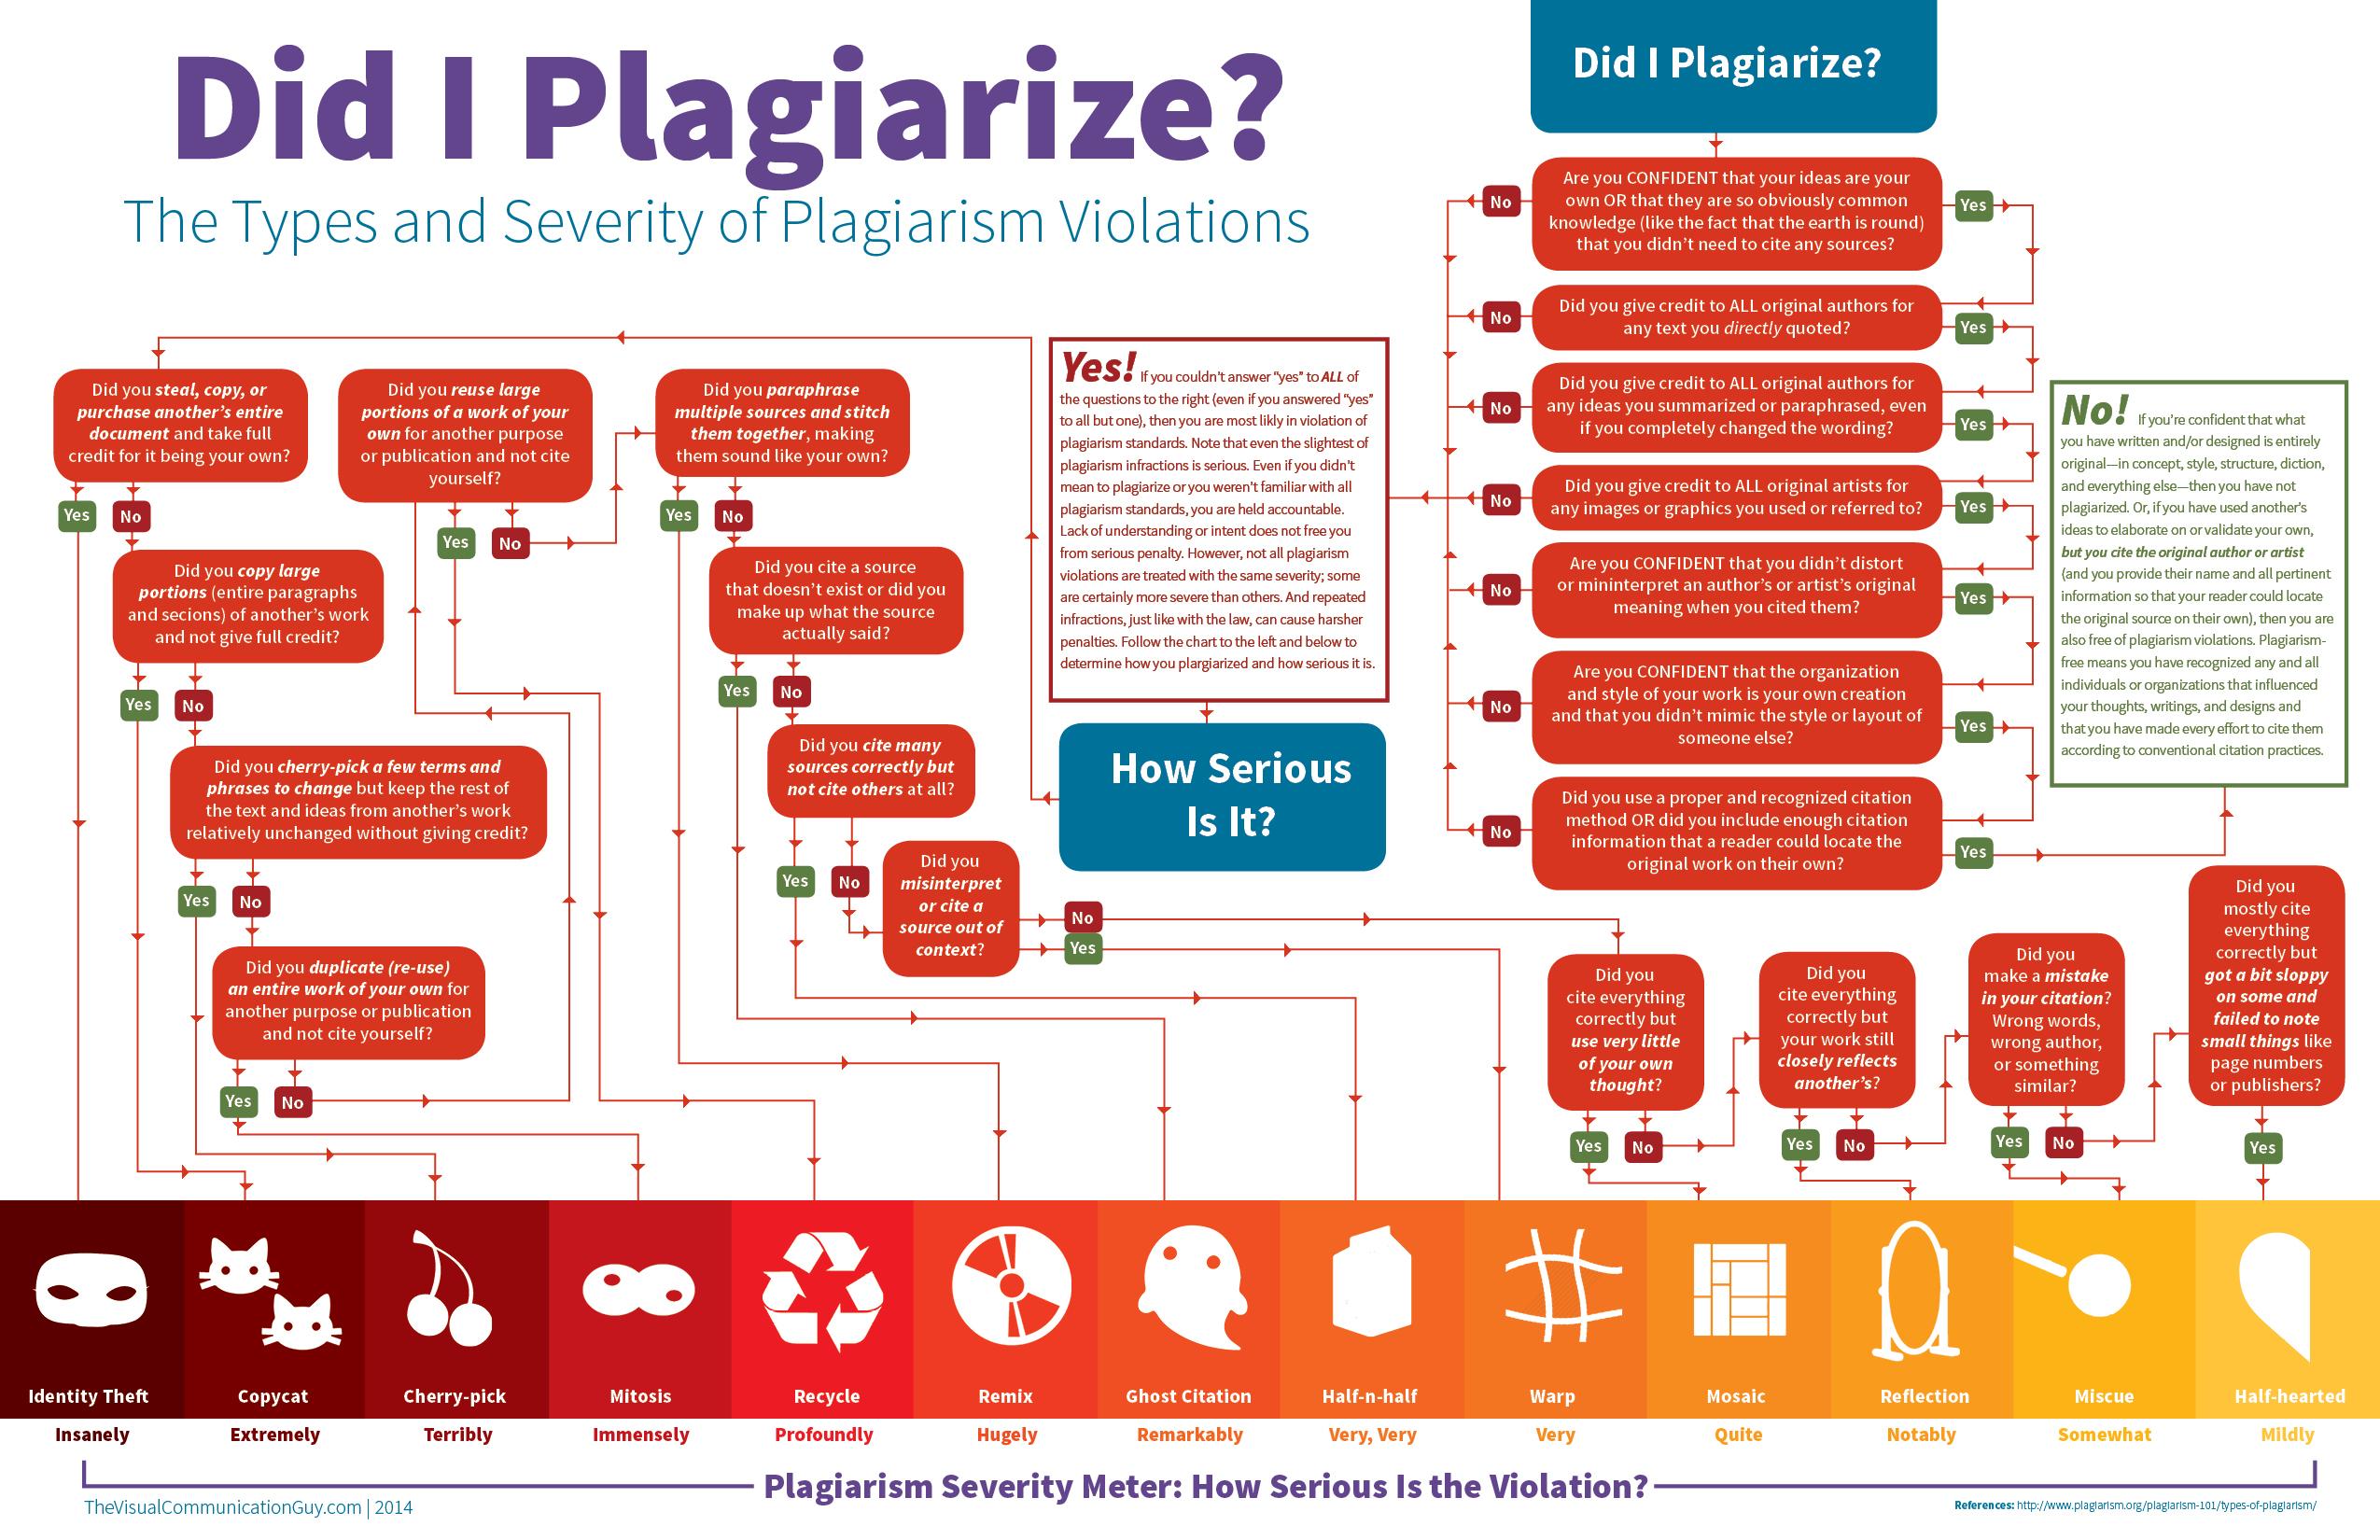 В Минобразования также перевели известную инфографику о выявлении плагиата